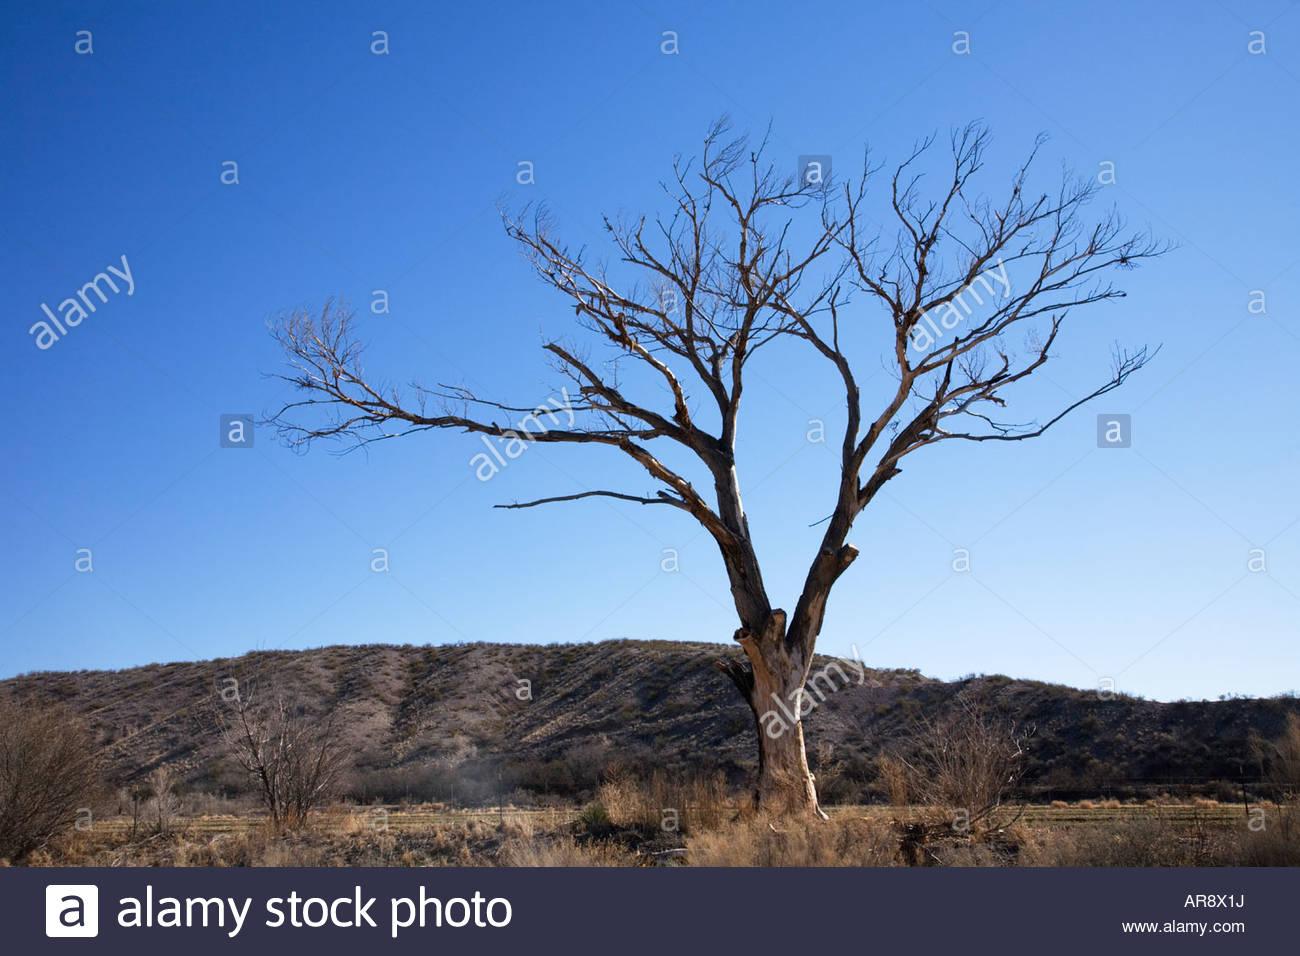 Árbol Muerto cottonwood esbozadas contra el cielo azul Imagen De Stock